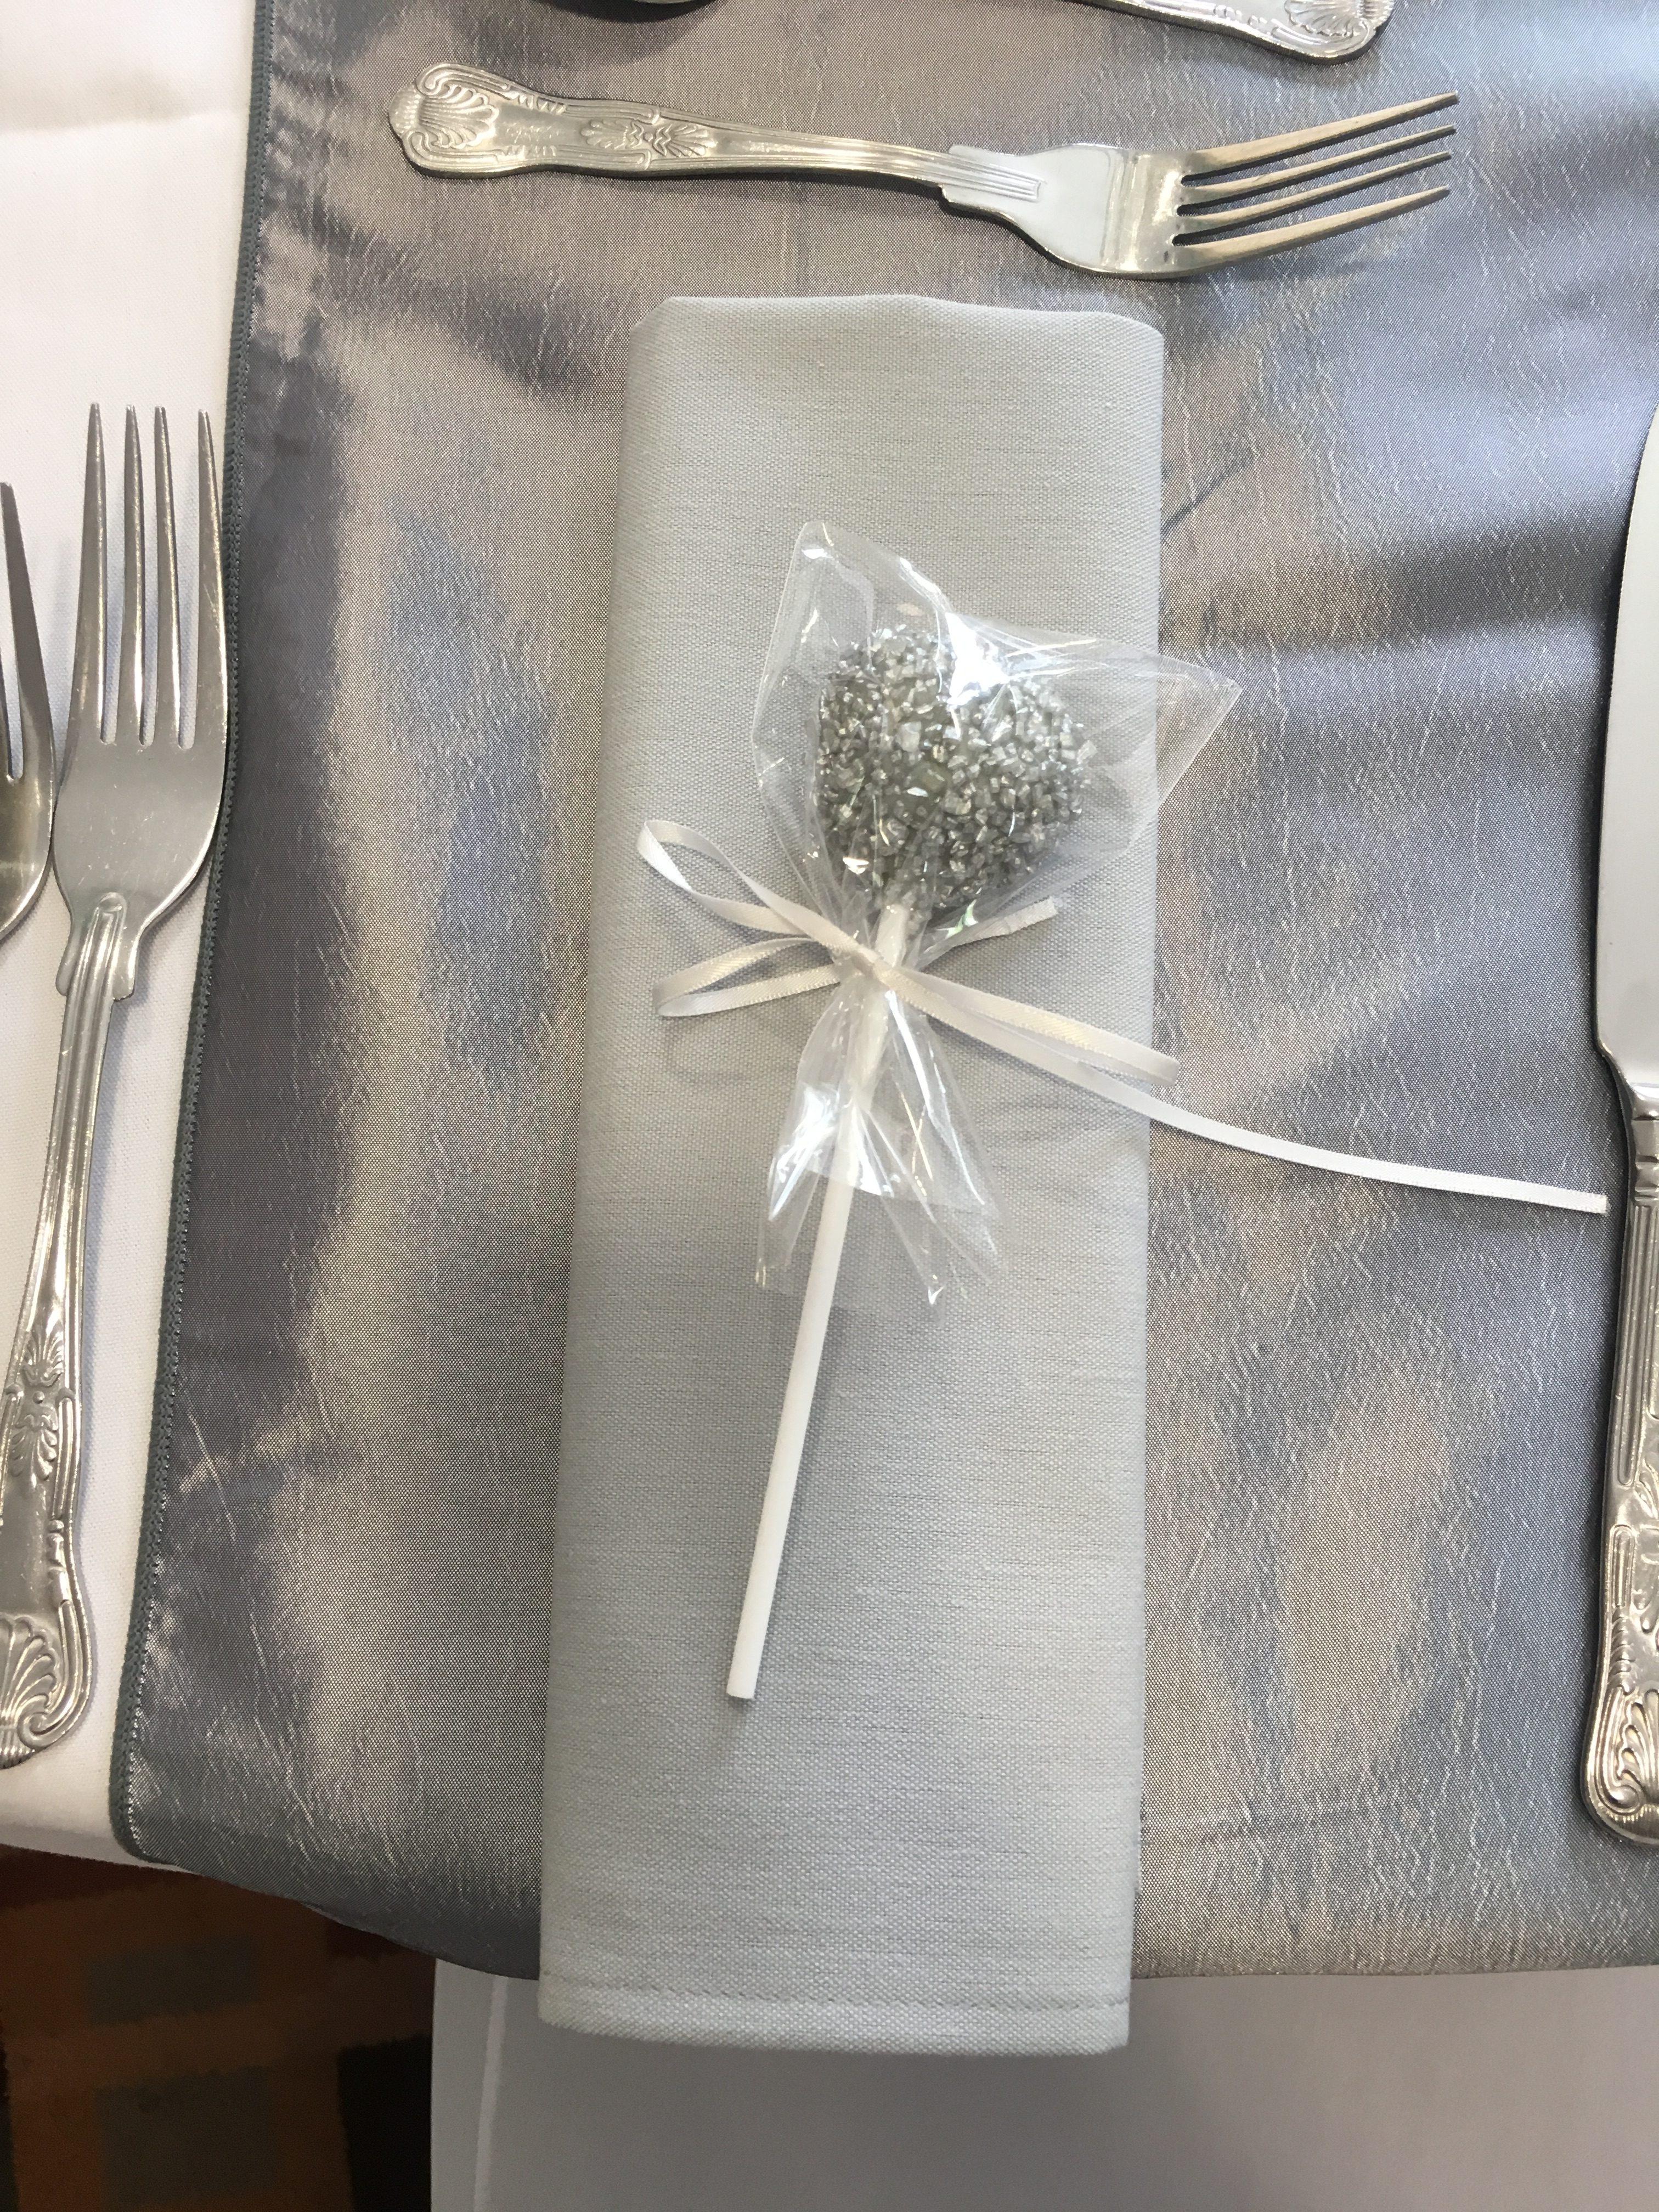 Silver Cake pop Favours Sophia's Final Touch - Venue Styling - Weddings